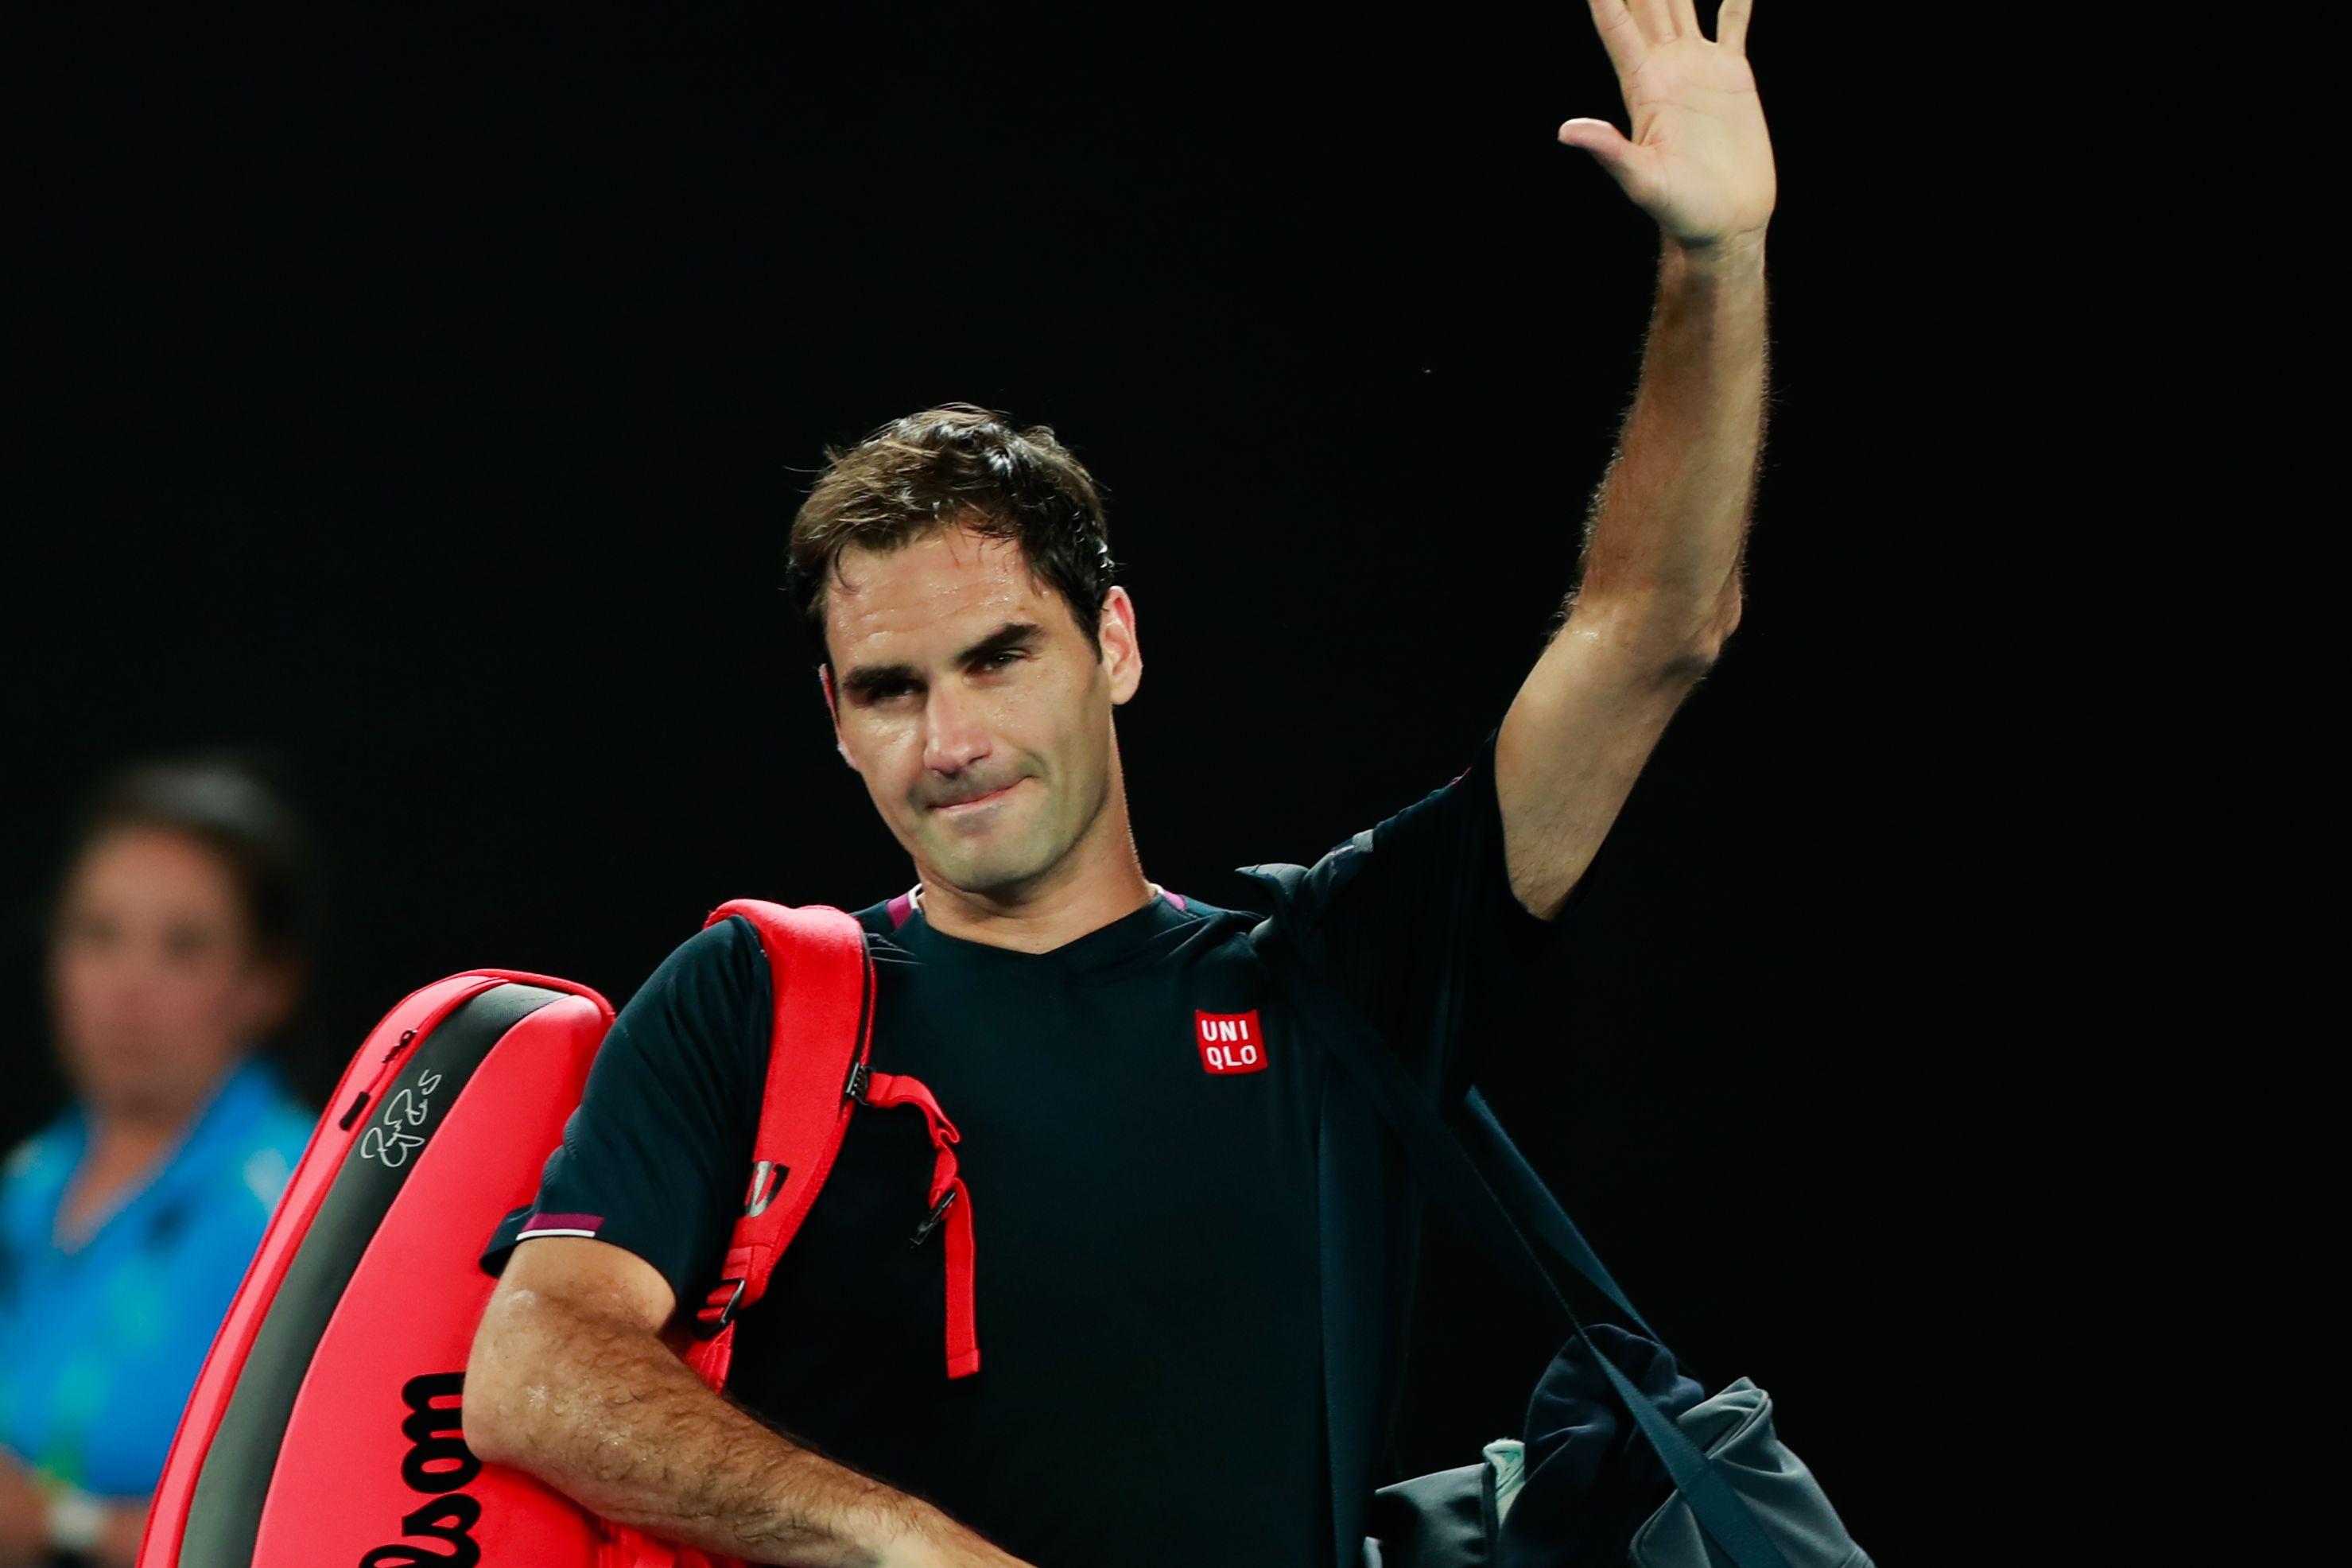 Сафин - Федереру: 'Роджер — последний из нашего поколения. Респект, брат'